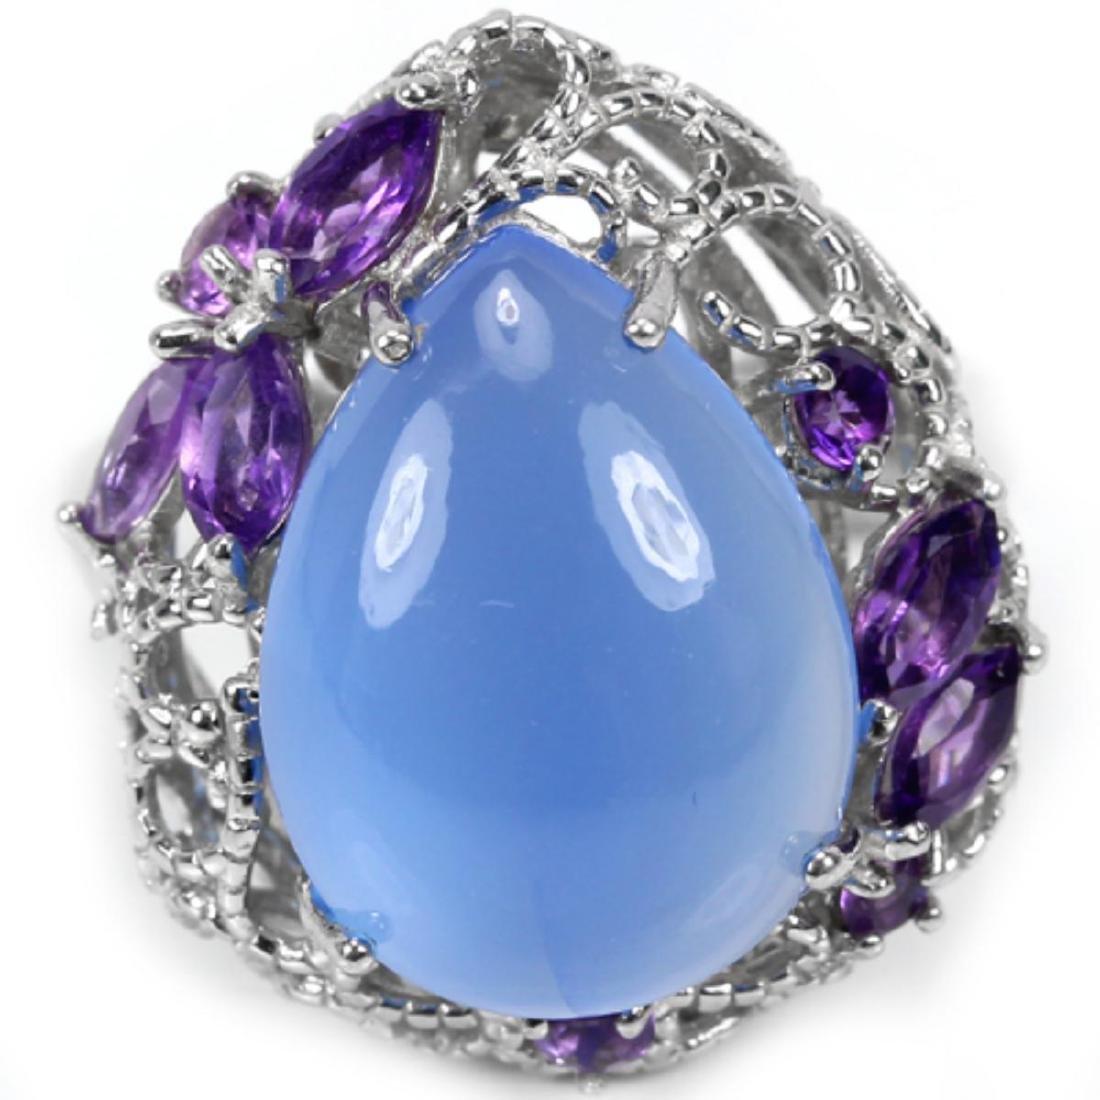 Natural Gemstone Ring - 2